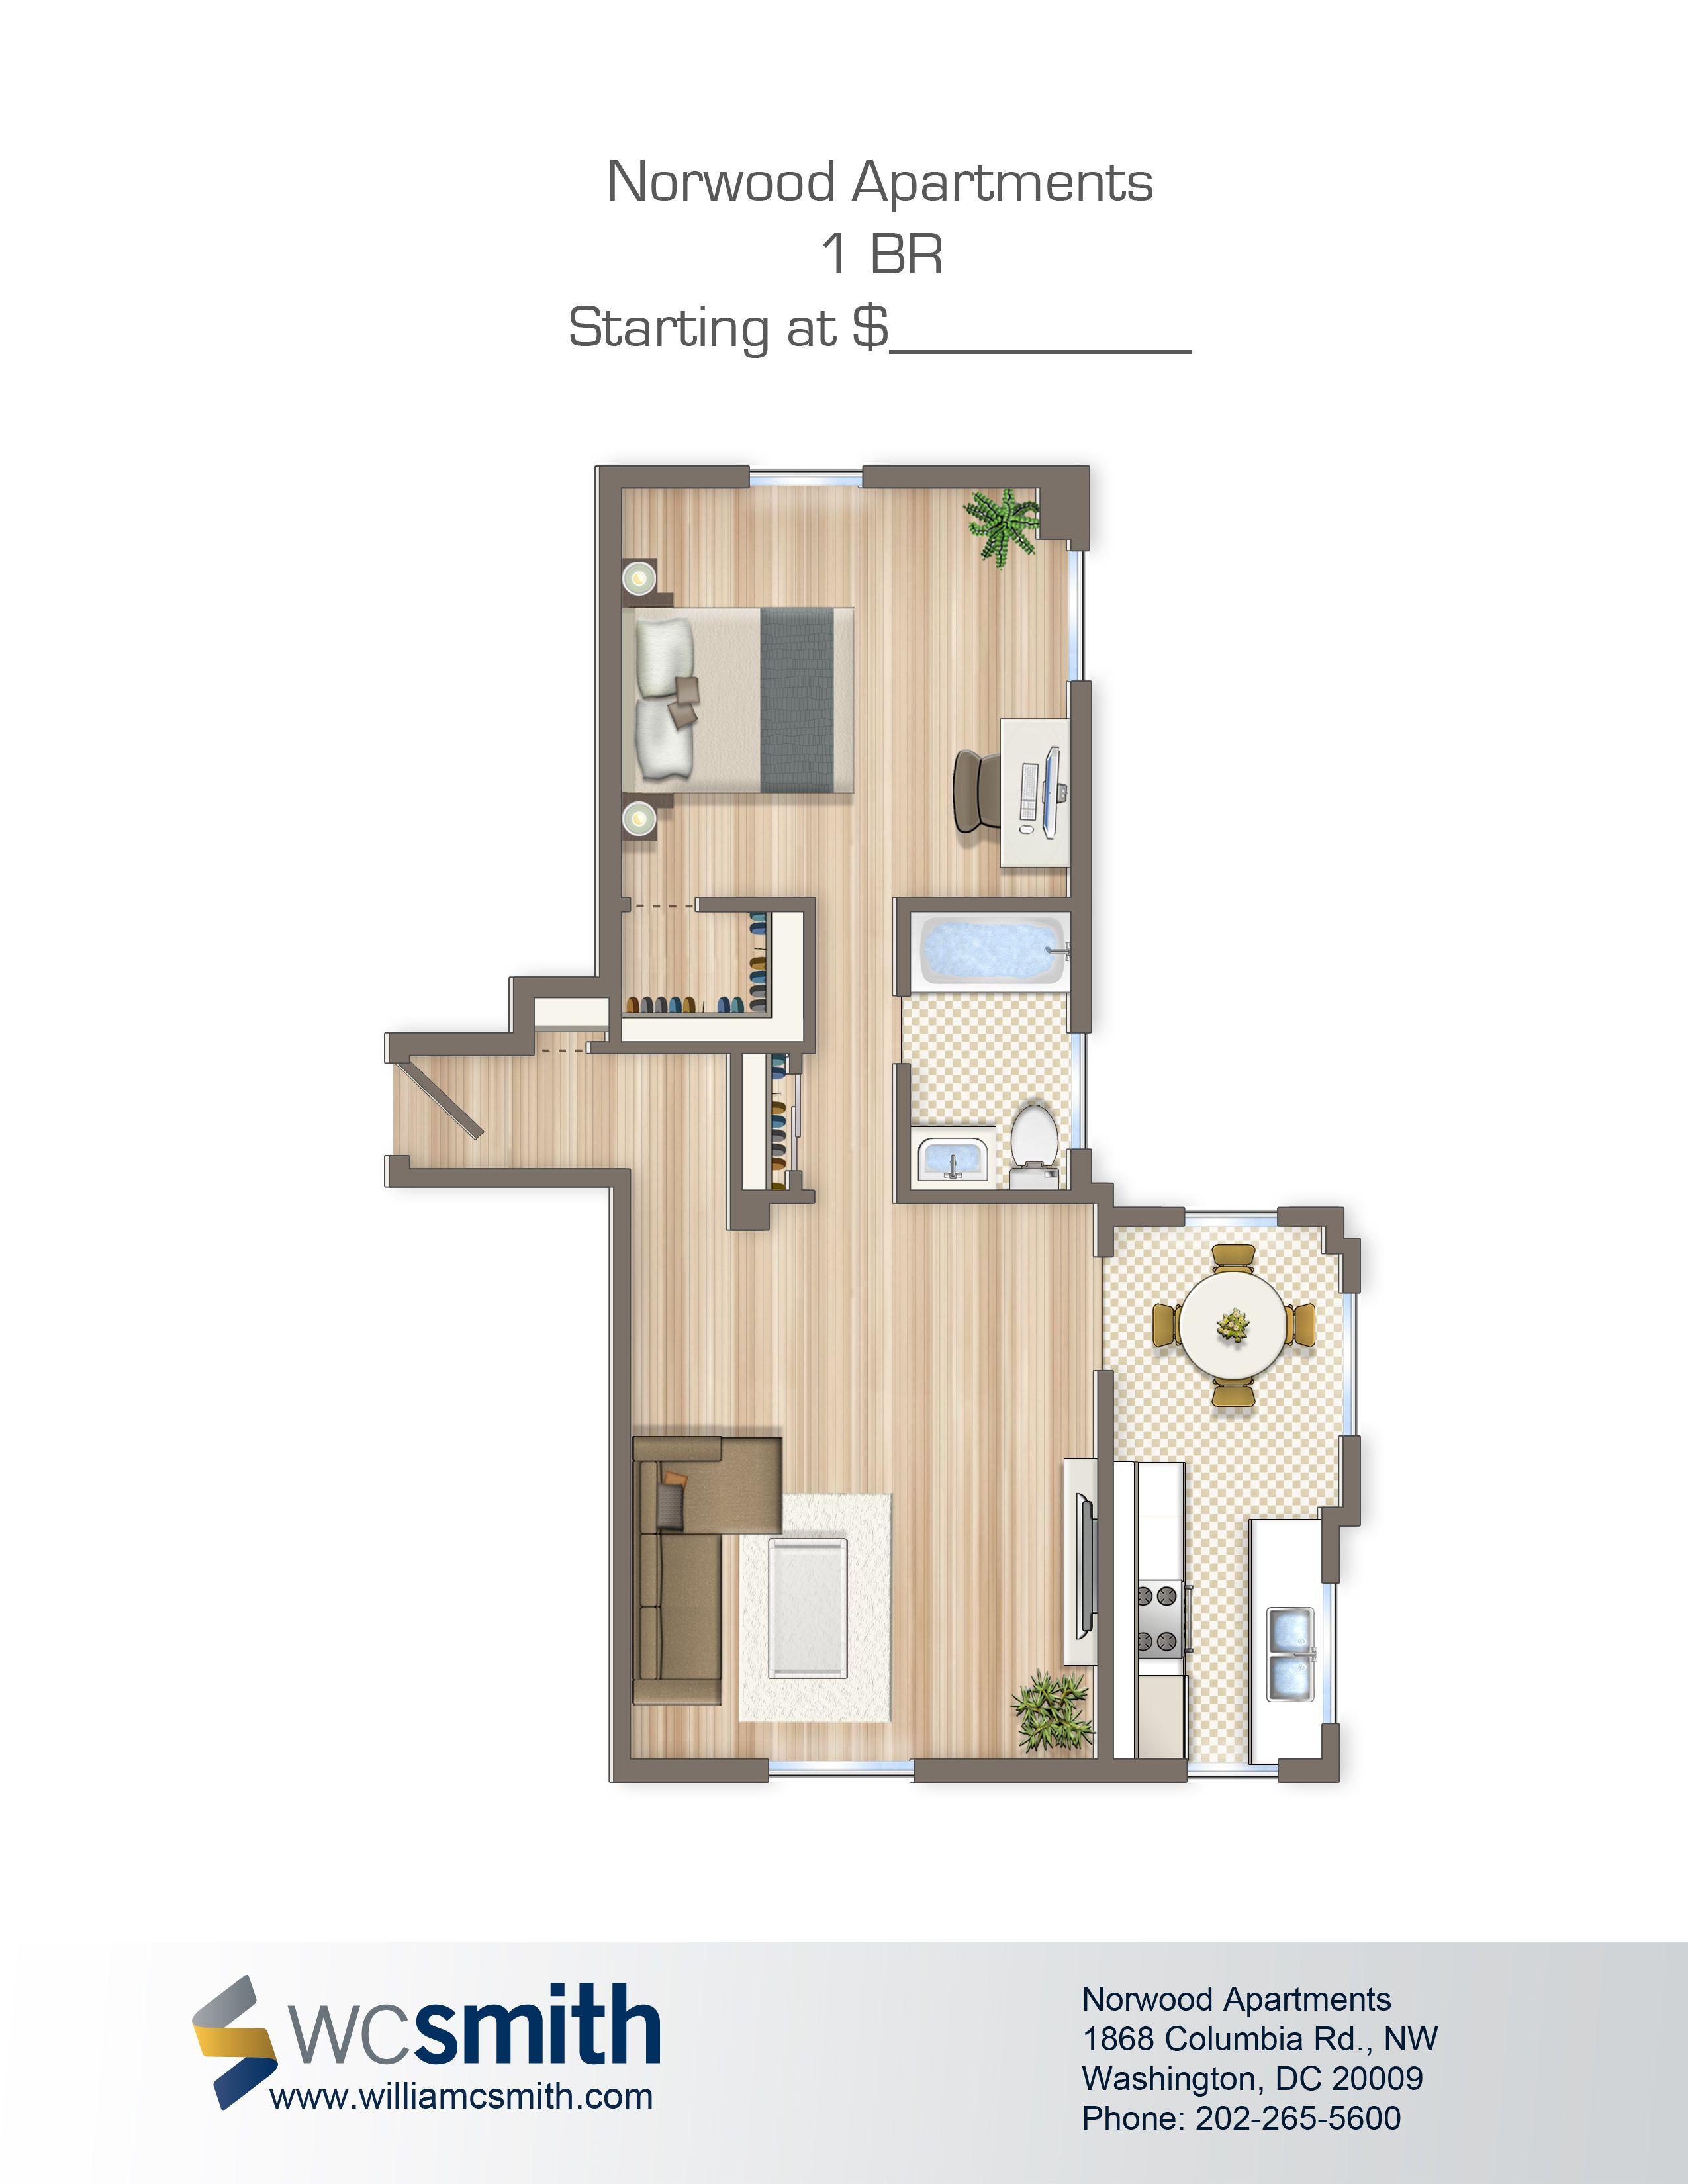 One Bedroom Floor Plan The Norwood in Northwest